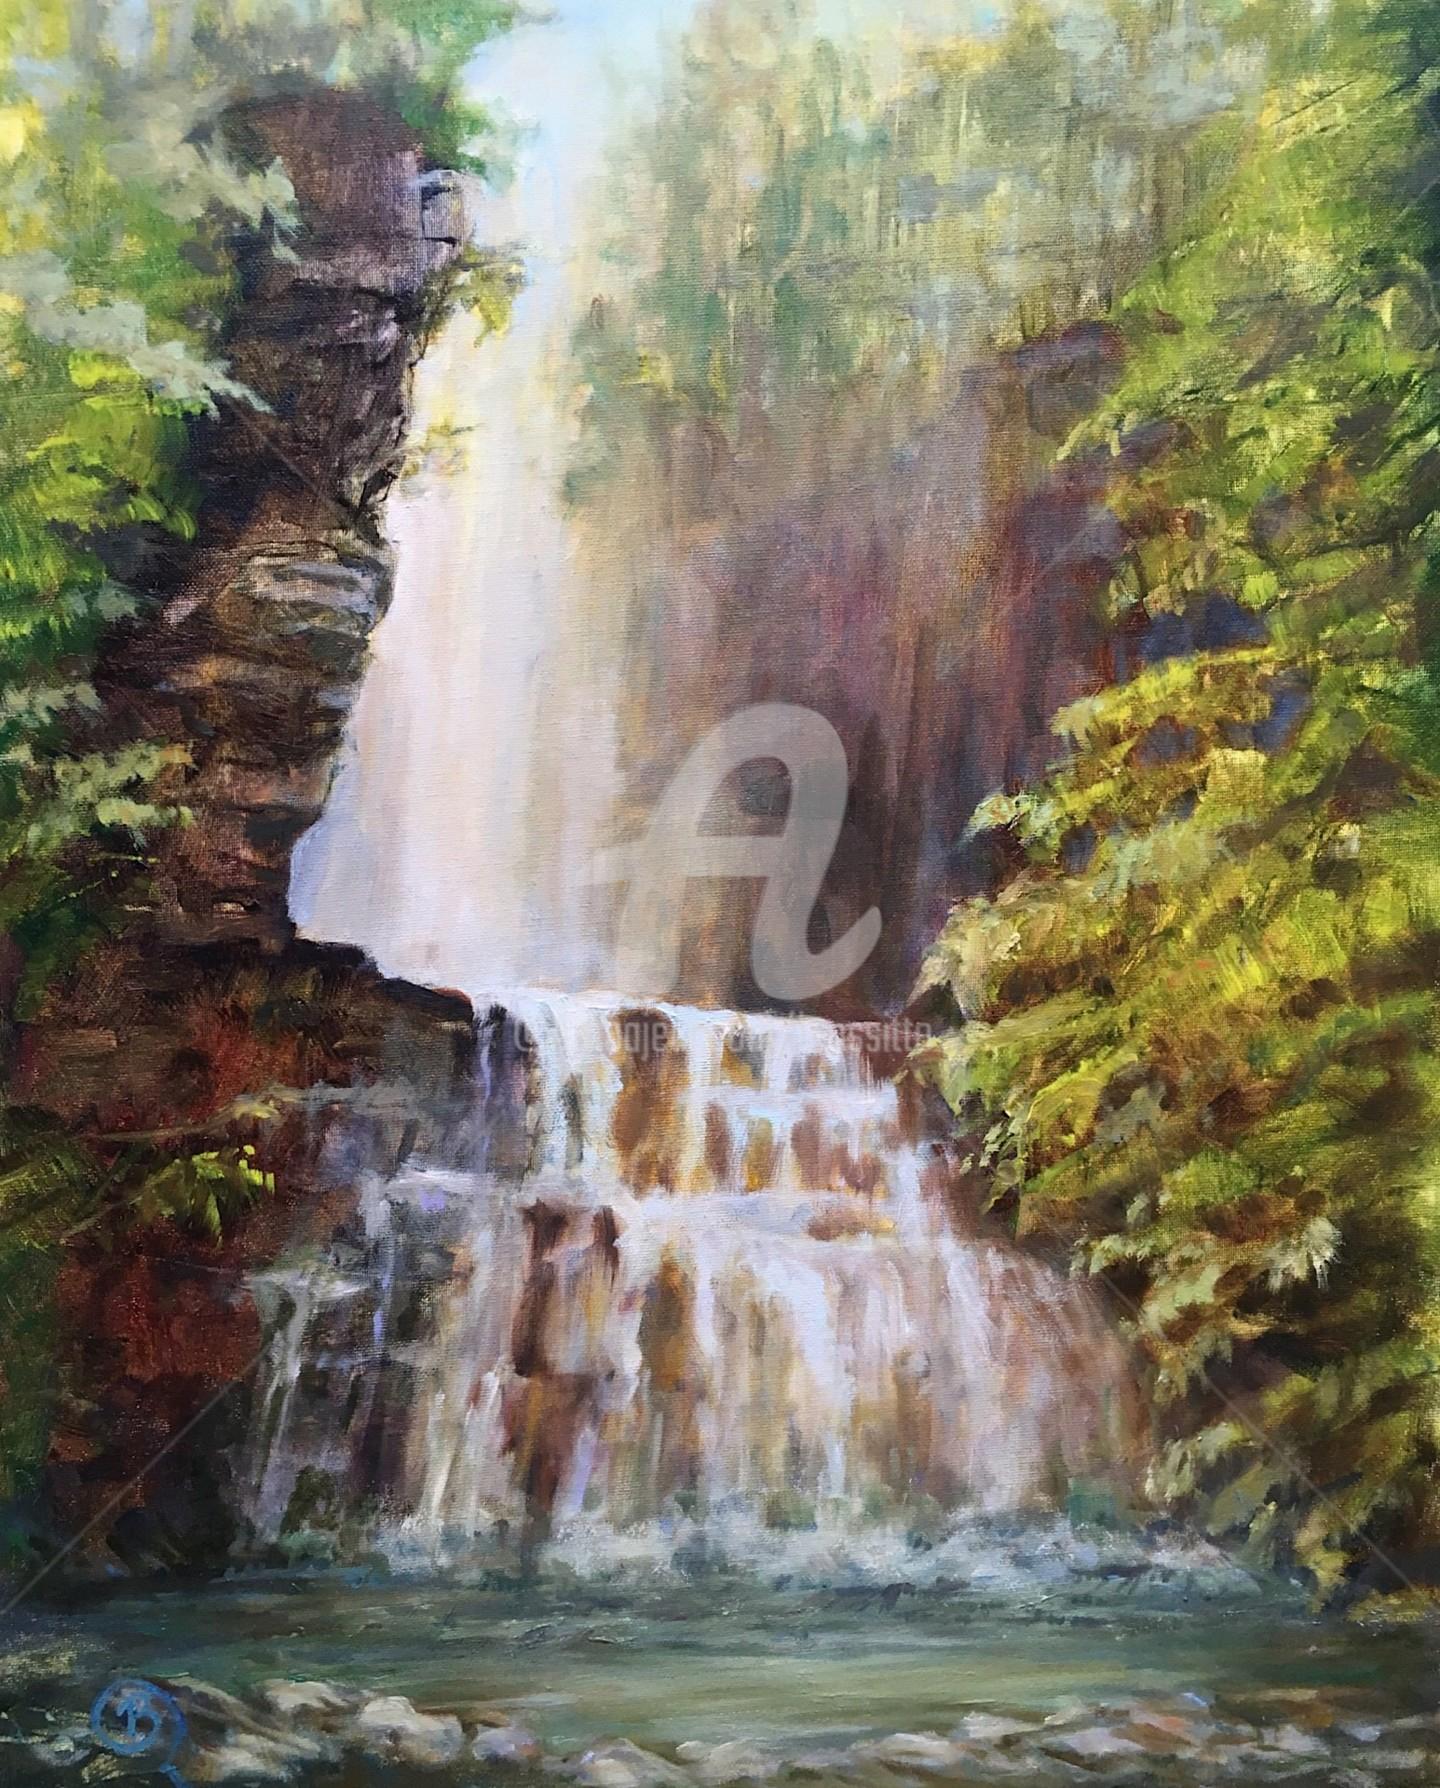 B.Rossitto - Tall Falls,  Adirondacks